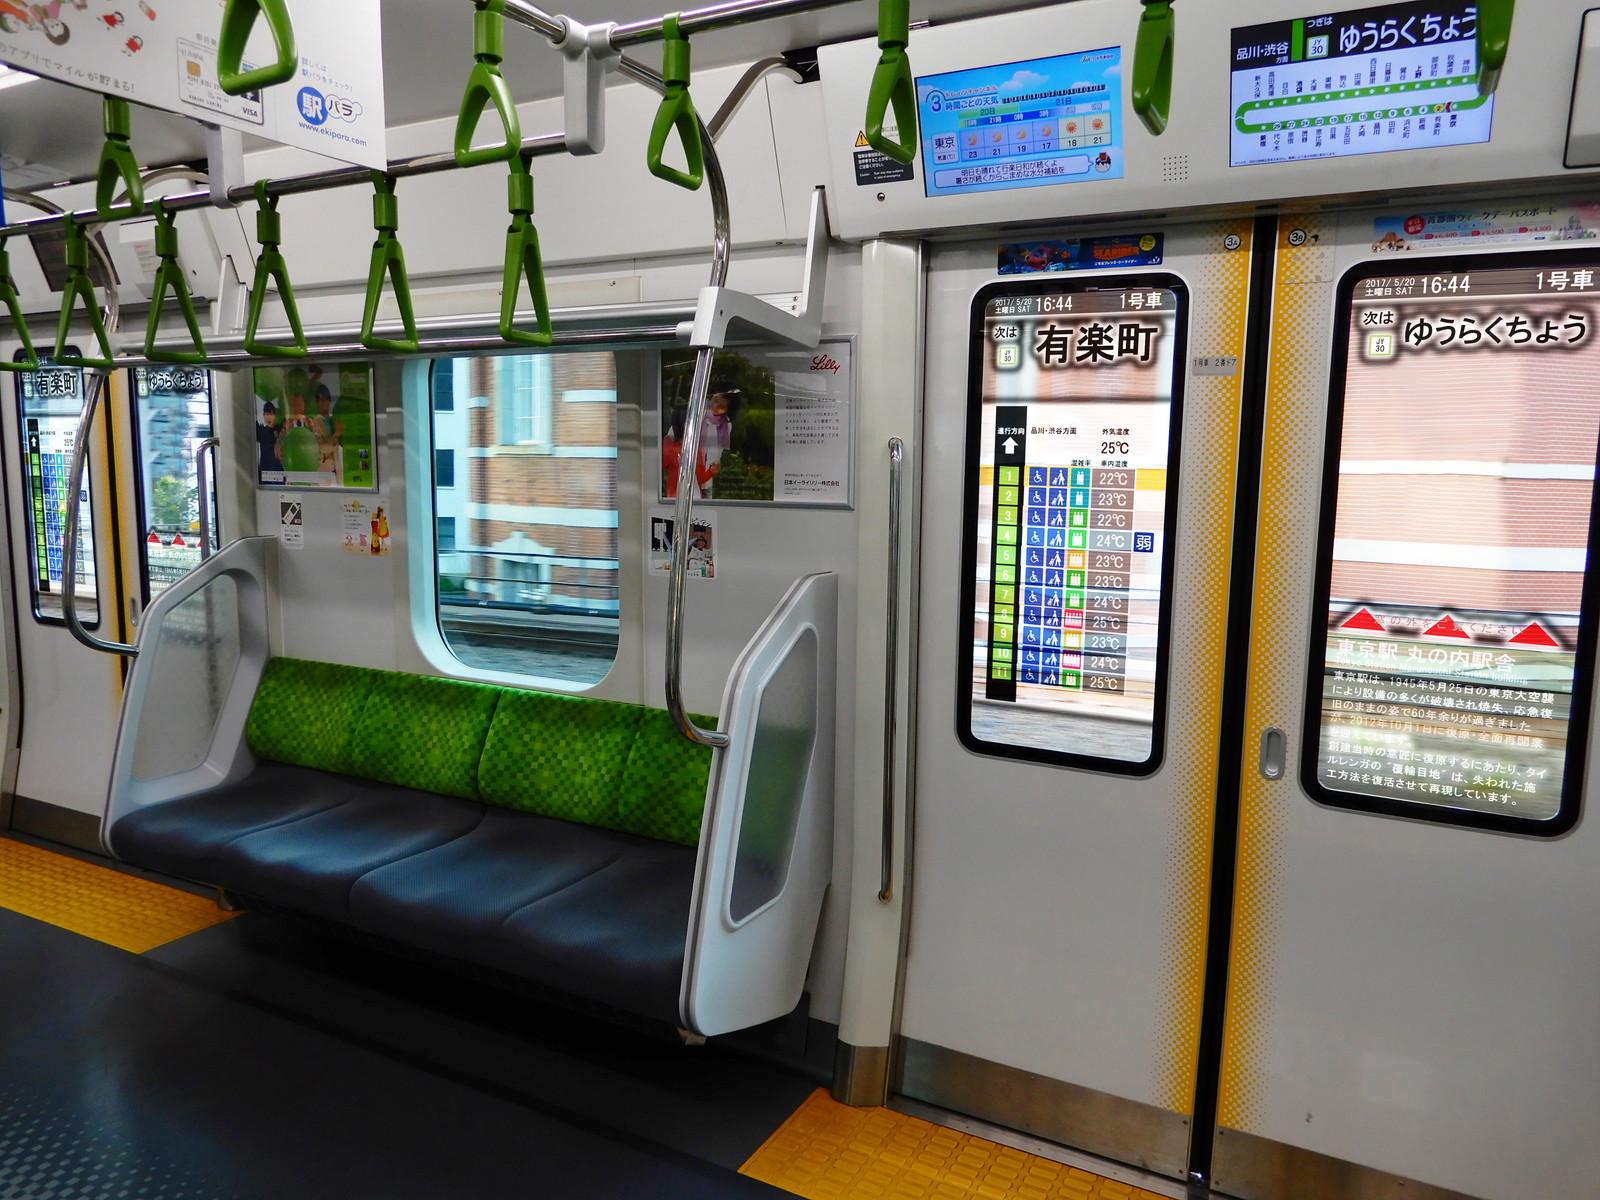 ウソ電 E235系車内 ドア窓投影型ディスプレイ装置